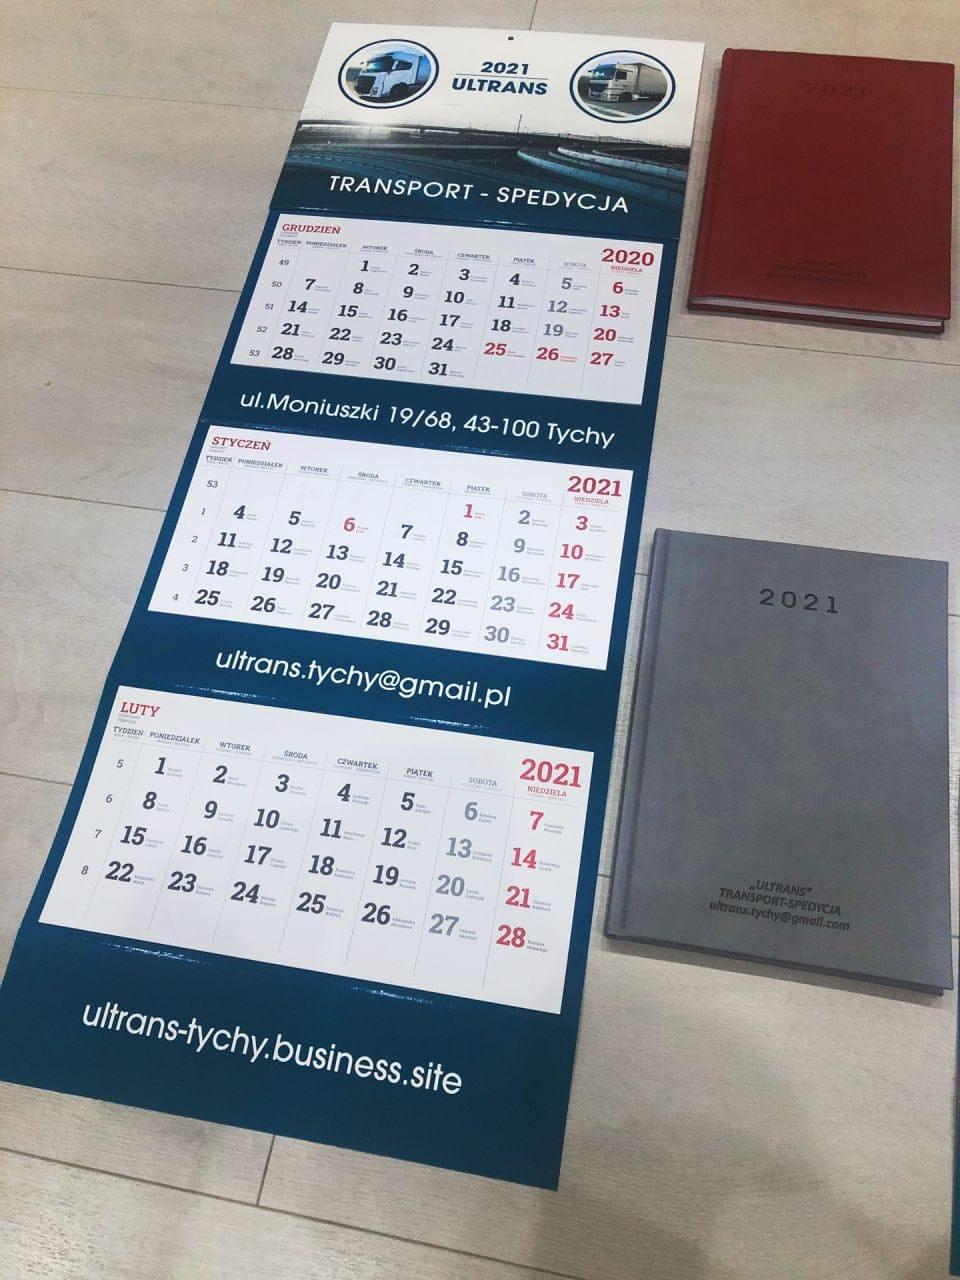 kalendarze trójdzielne i kalendarze książkowe z logo Ultrans